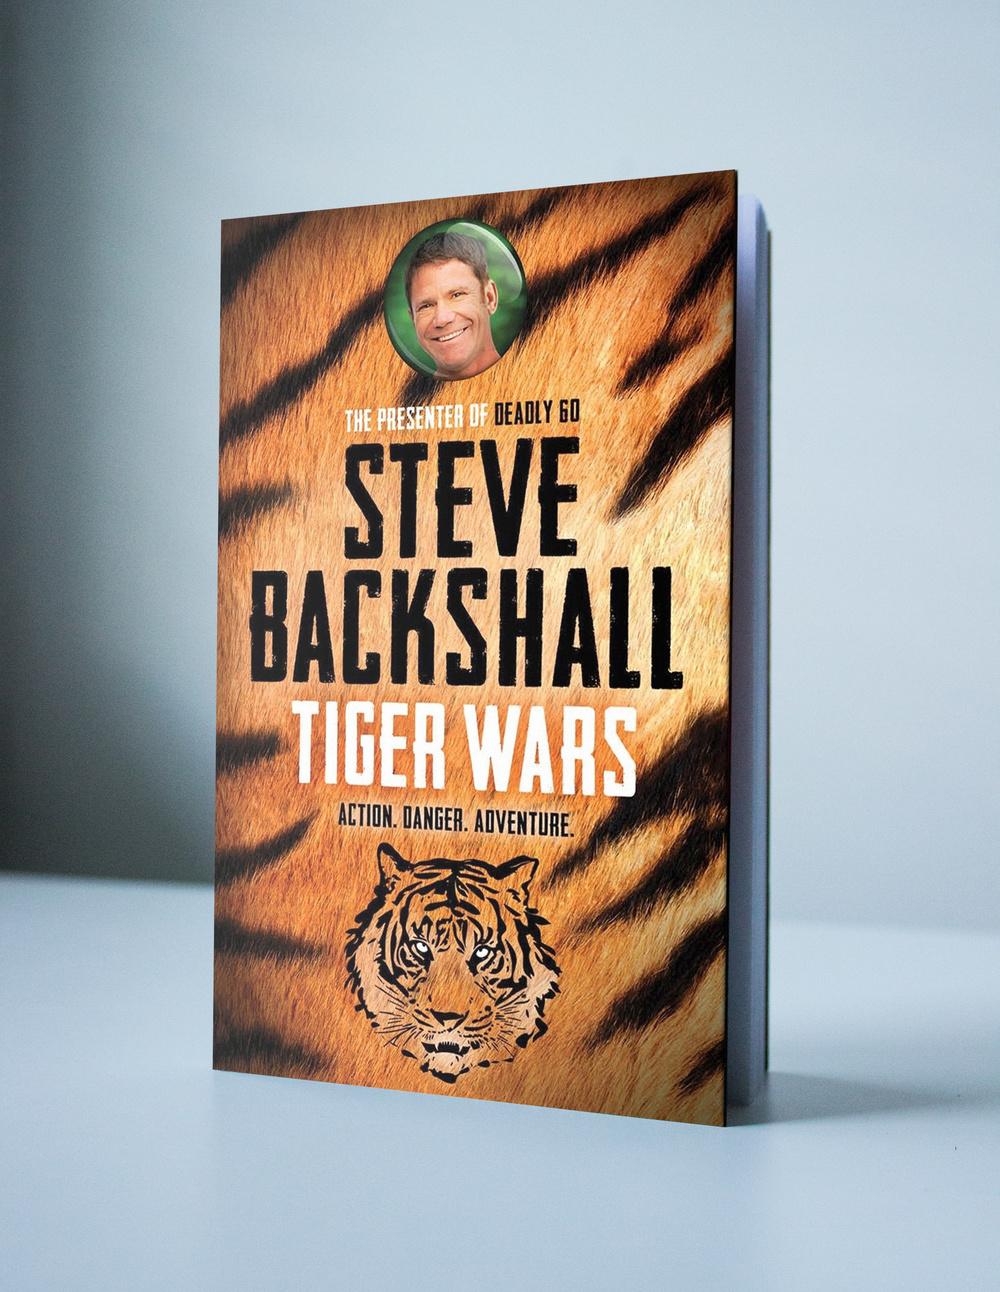 Steve Backshall Tiger Wars